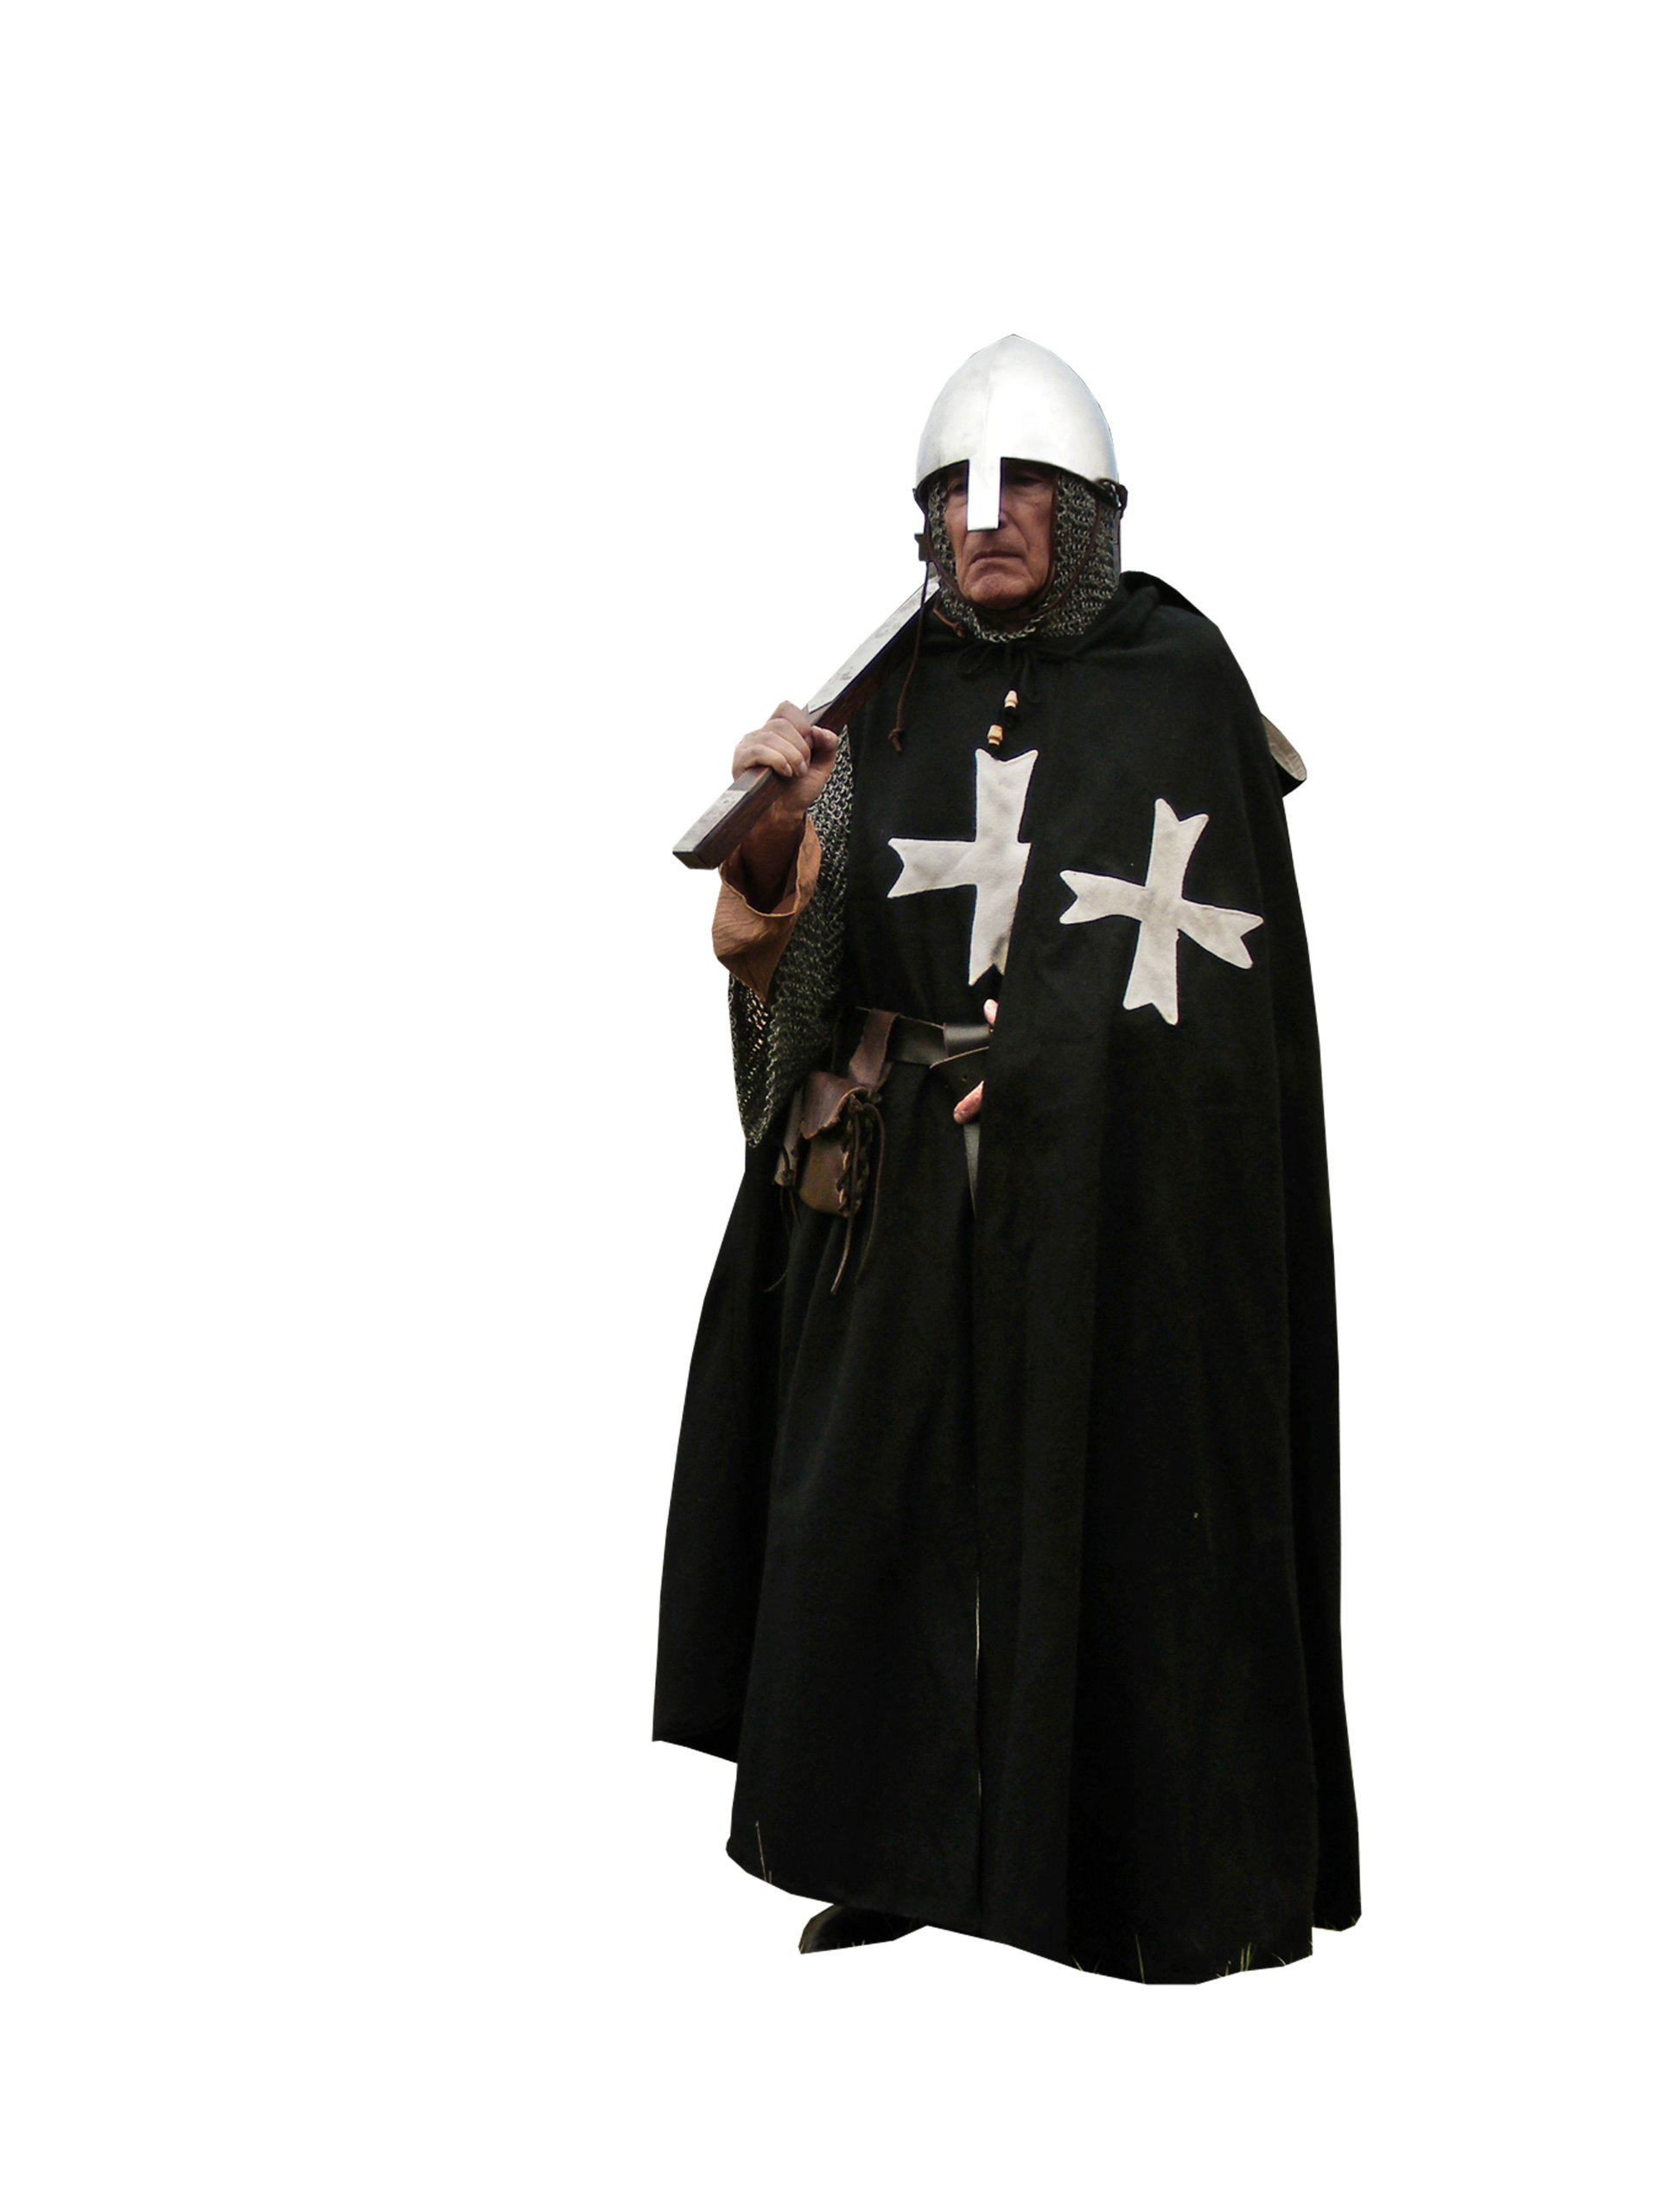 GDFB Hospitaller Cloak by GDFB (Image #1)